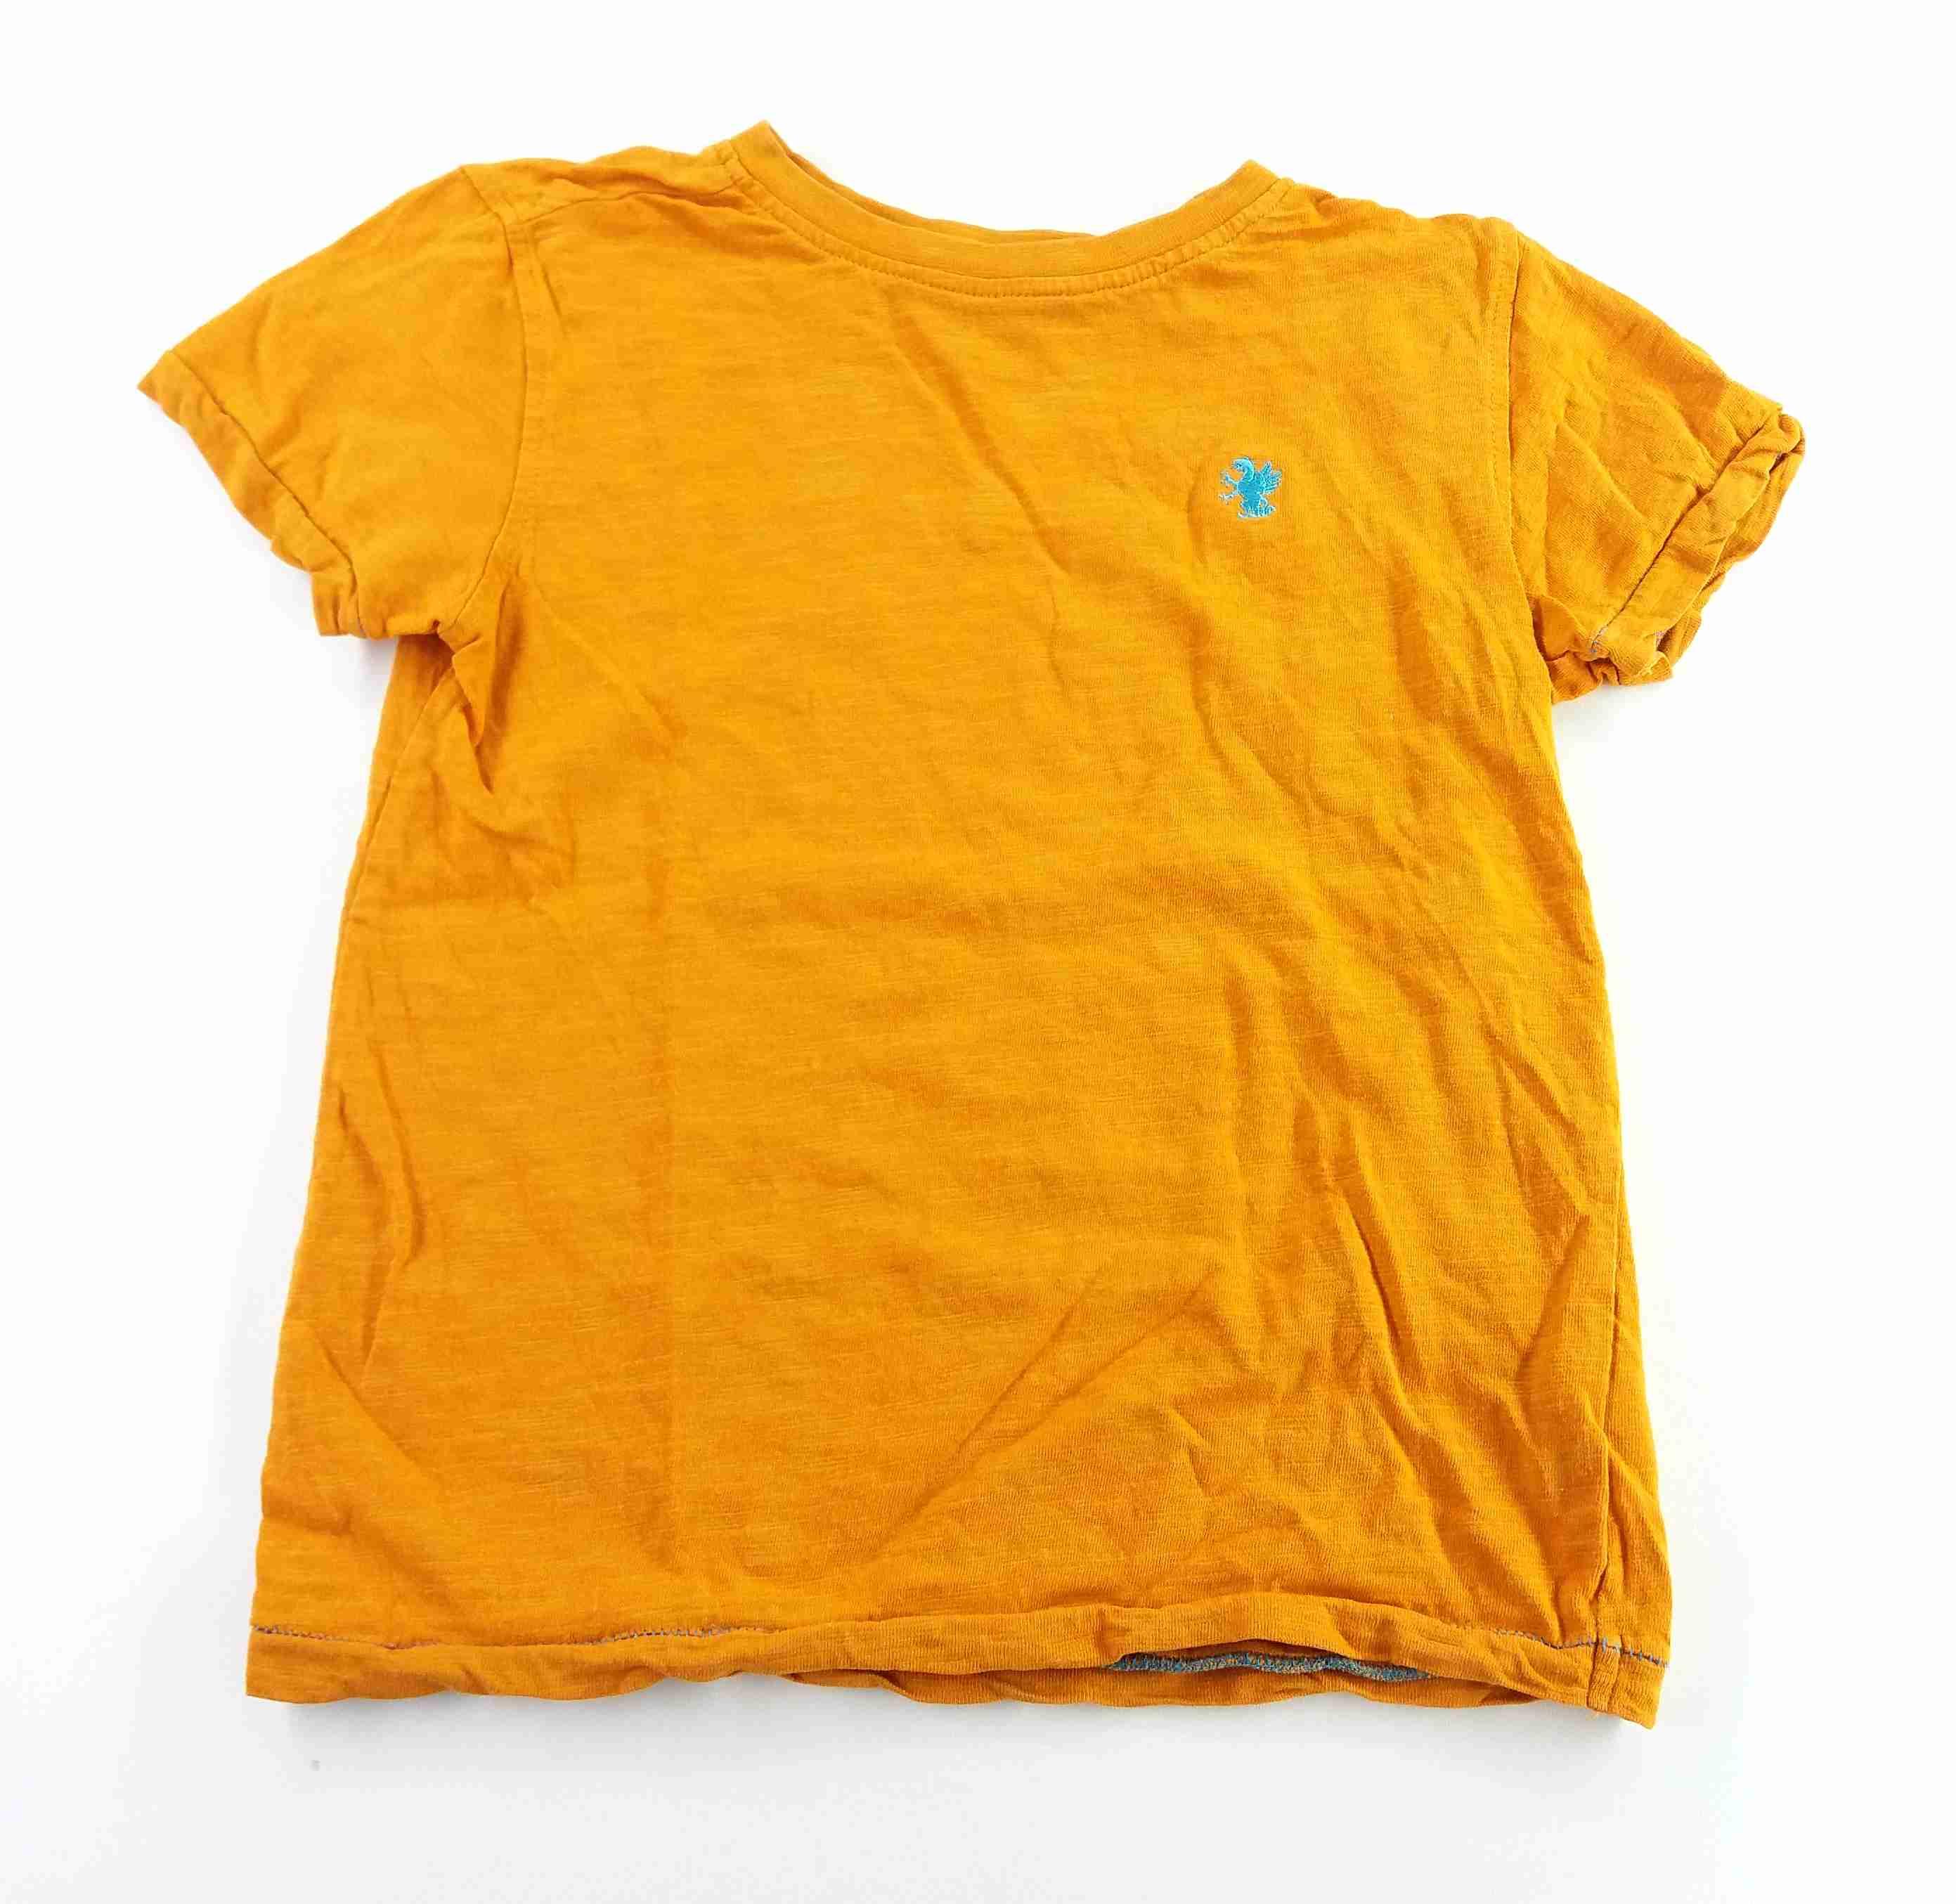 3379f70f79e tričko žíhané oranžové s drakem NEXT vel 104